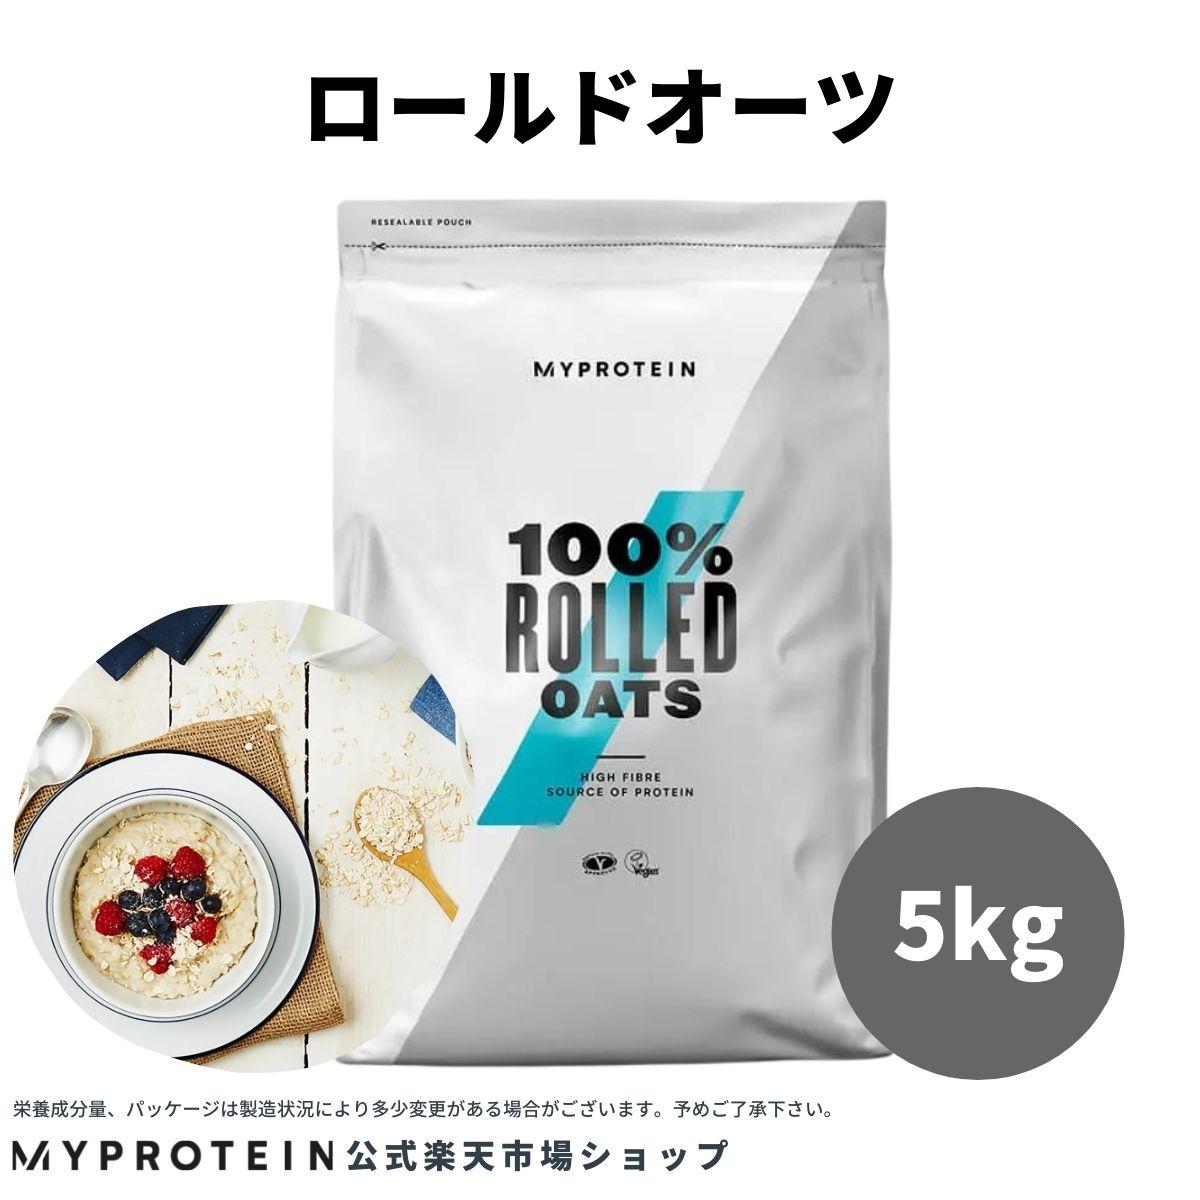 高品質 低価格の自社製品をイギリスから直送 品質保証 トレーニングに 健康 ダイエット 美容 食物繊維 オートミール おしむぎ 雑穀 マイプロテイン オーツ 約100食分 押麦 5kg 押し麦 ロールド 海外通販 MyProtein 定番スタイル 公式